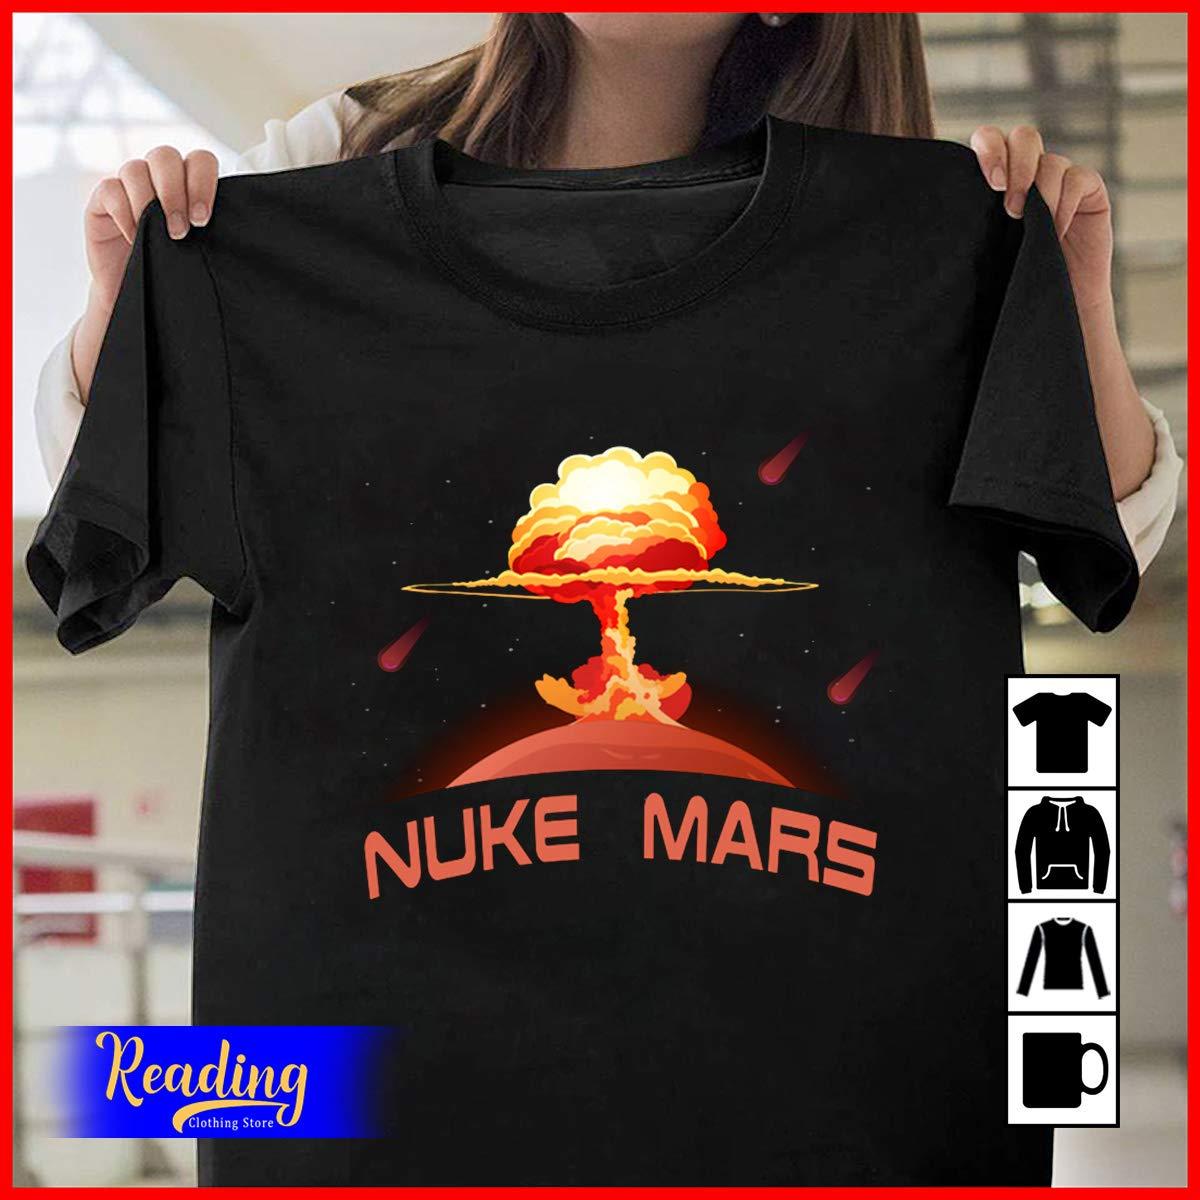 Elon Musk Wants To Nuke Mars,  Shirts